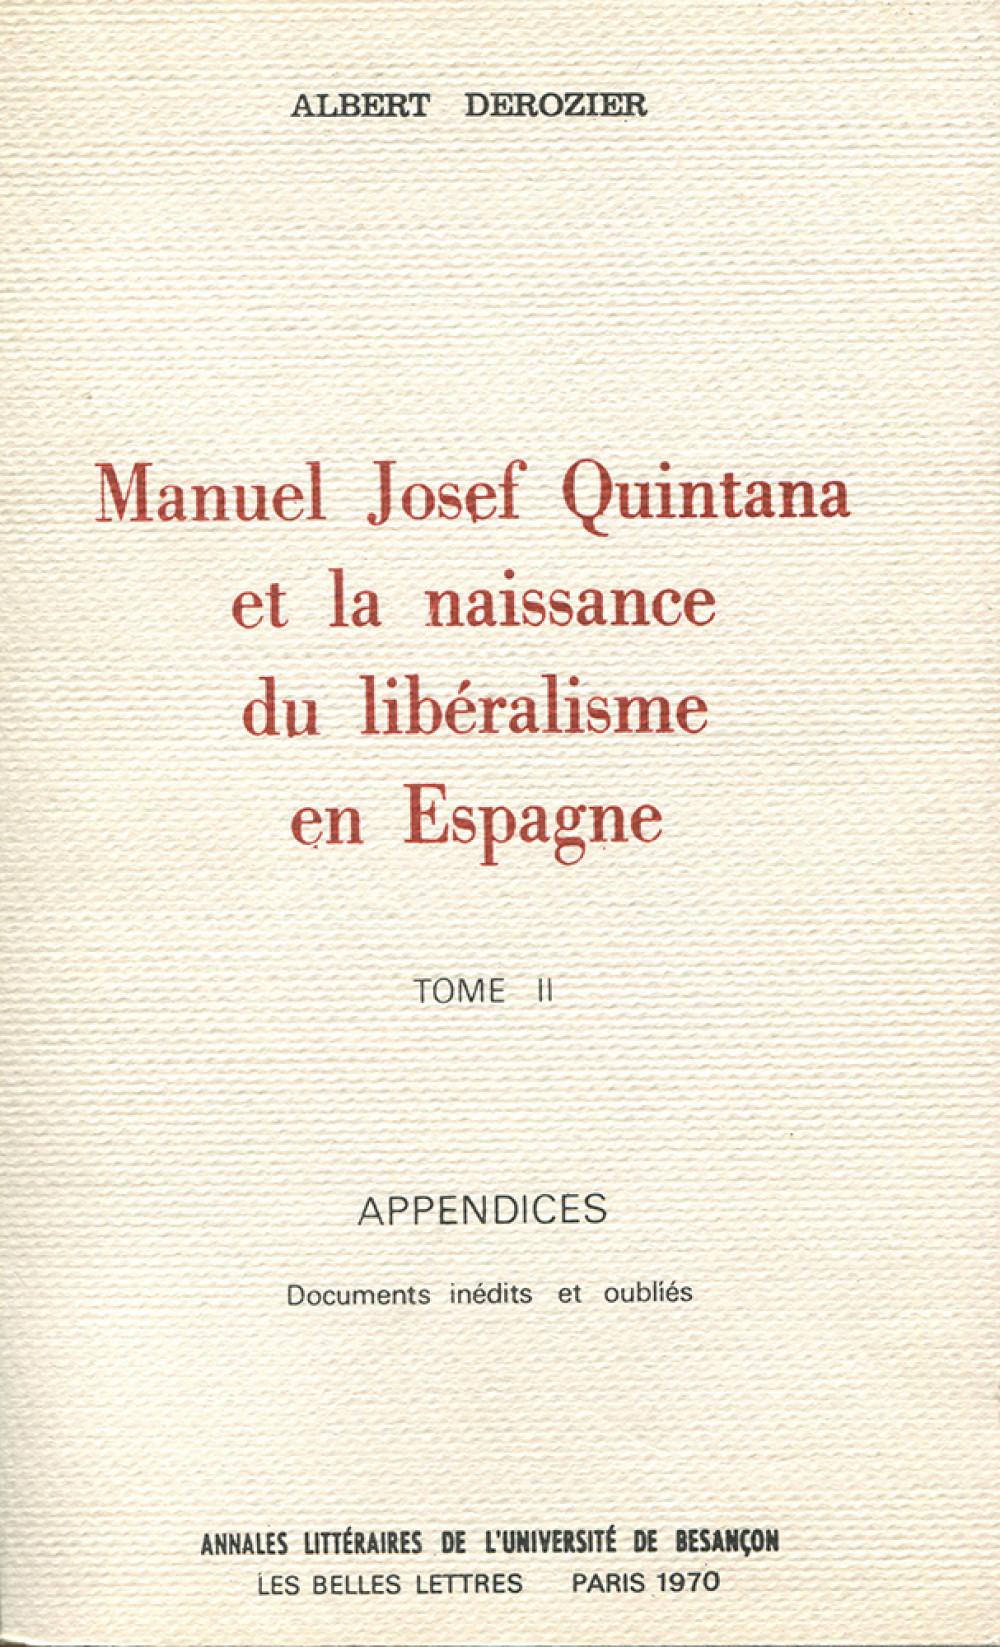 Manuel Josef Quintana et la naissance du libéralisme en Espagne. Tome II